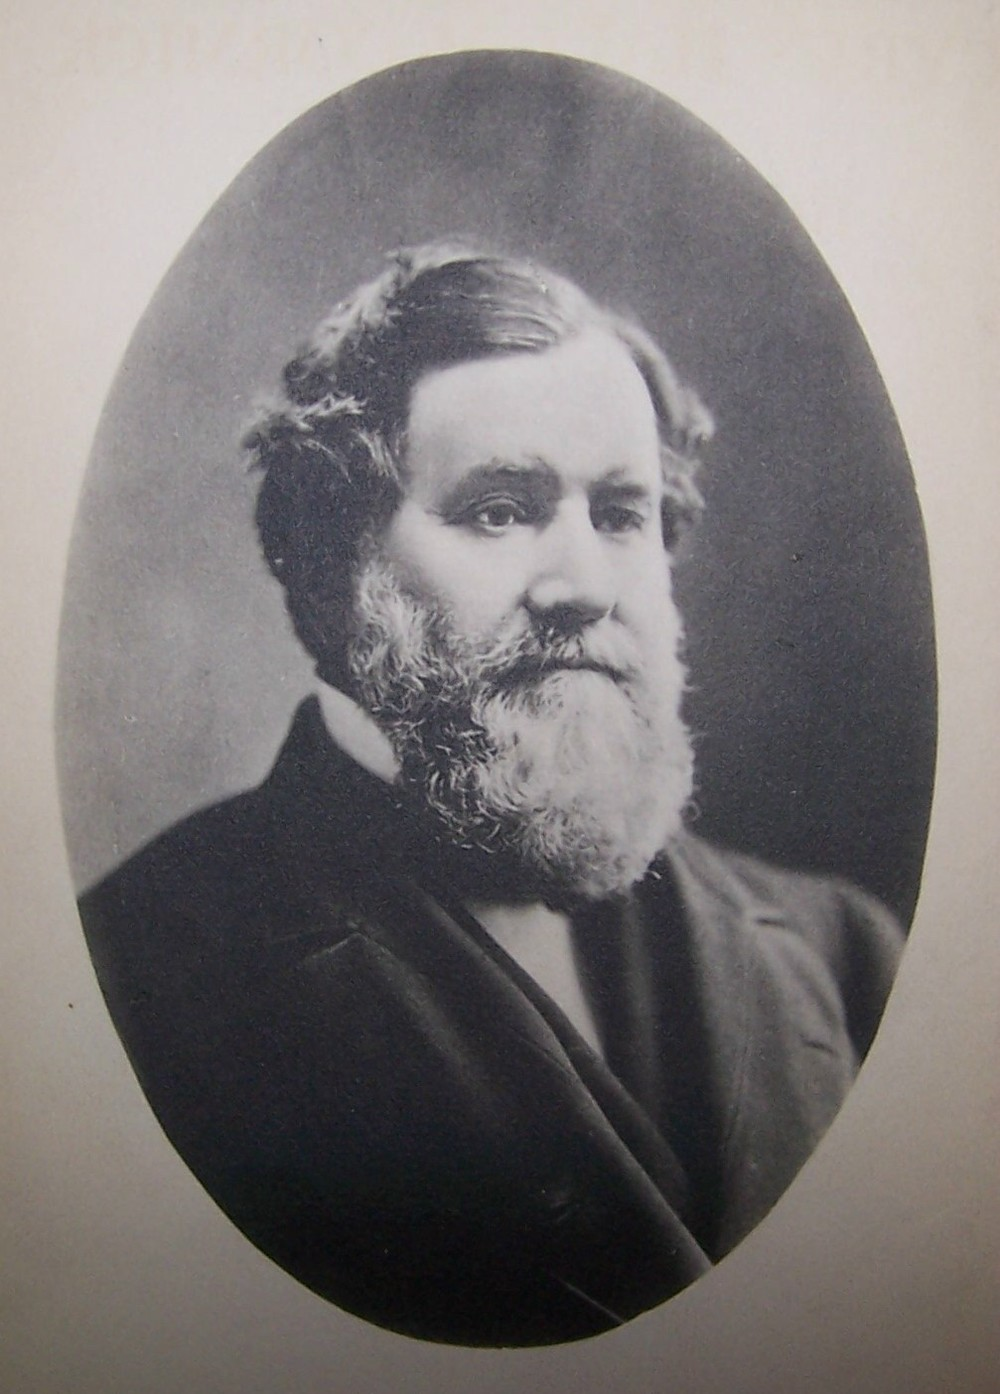 Cyrus Hall McCormick